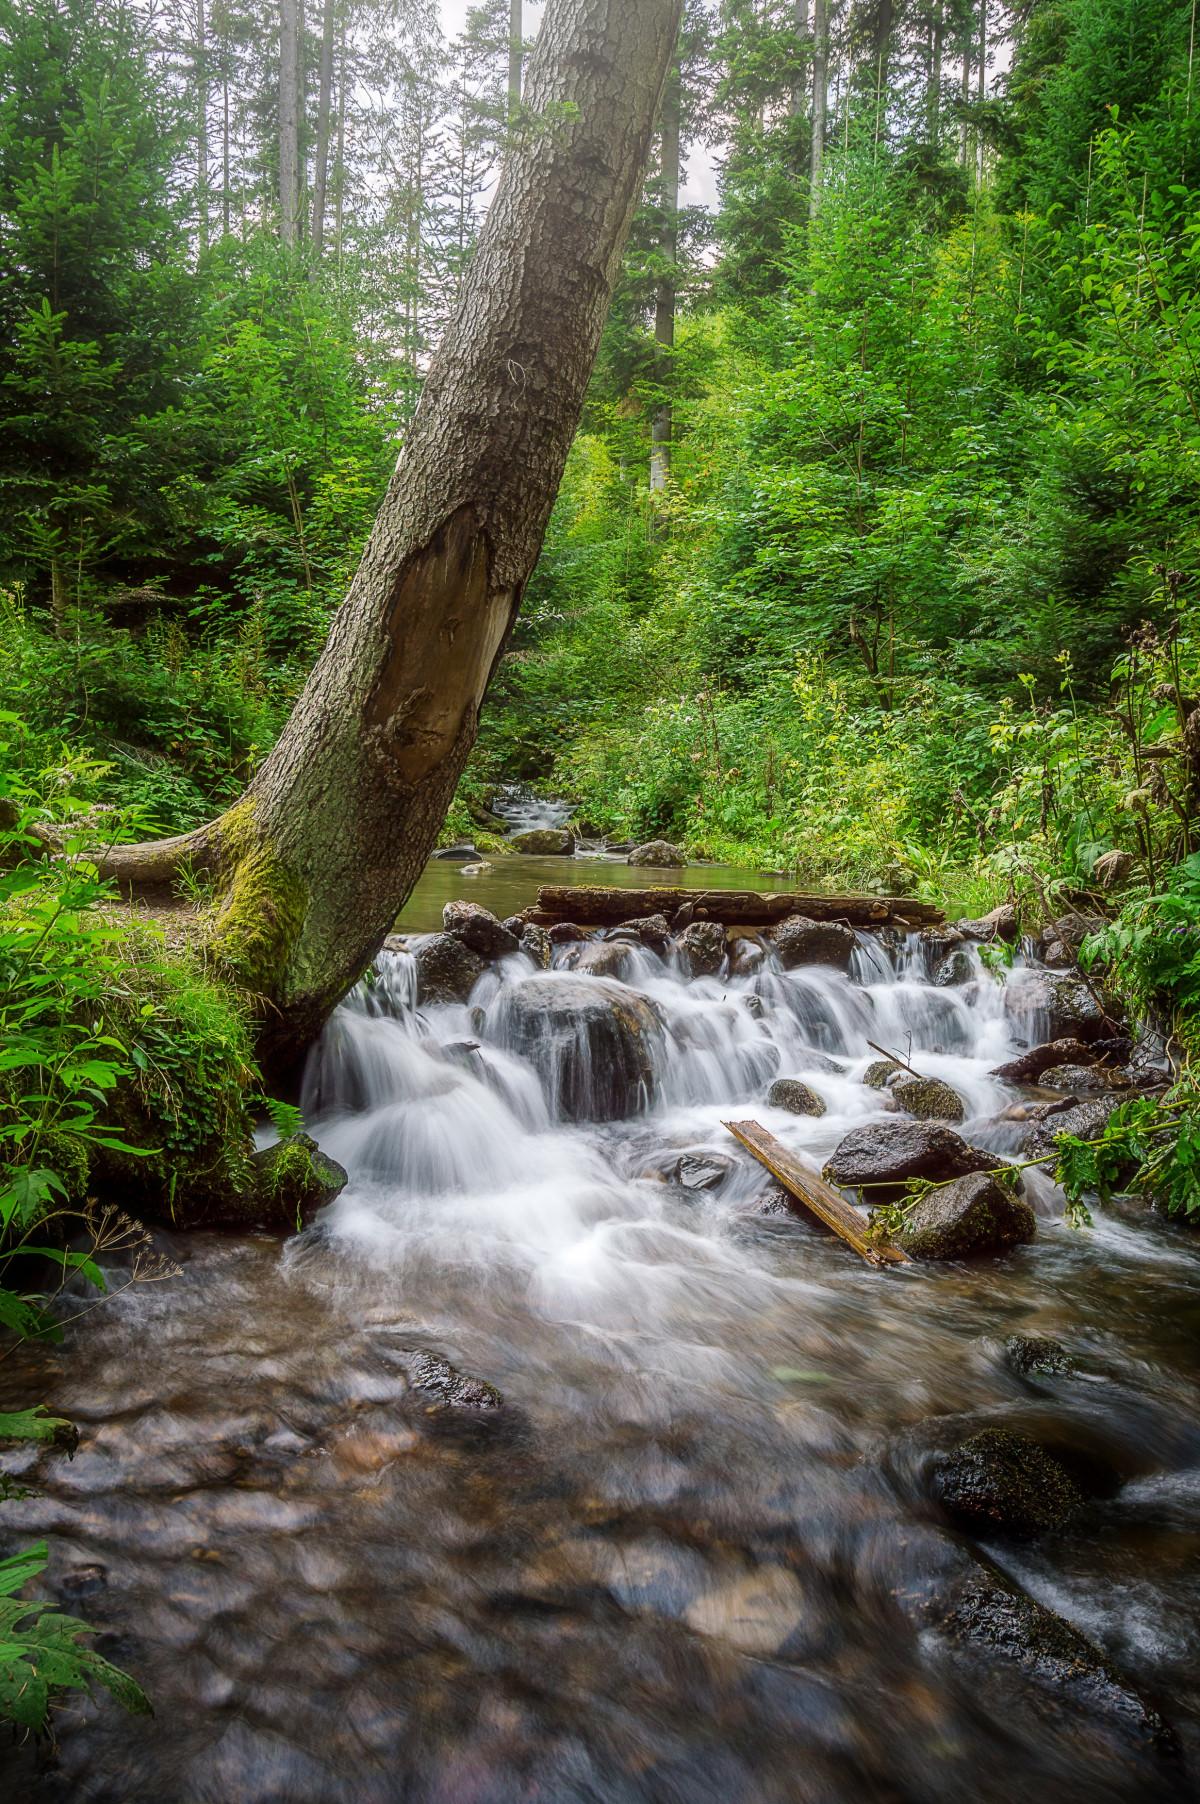 images gratuites paysage arbre eau la nature cascade r gion sauvage rivi re vall e. Black Bedroom Furniture Sets. Home Design Ideas